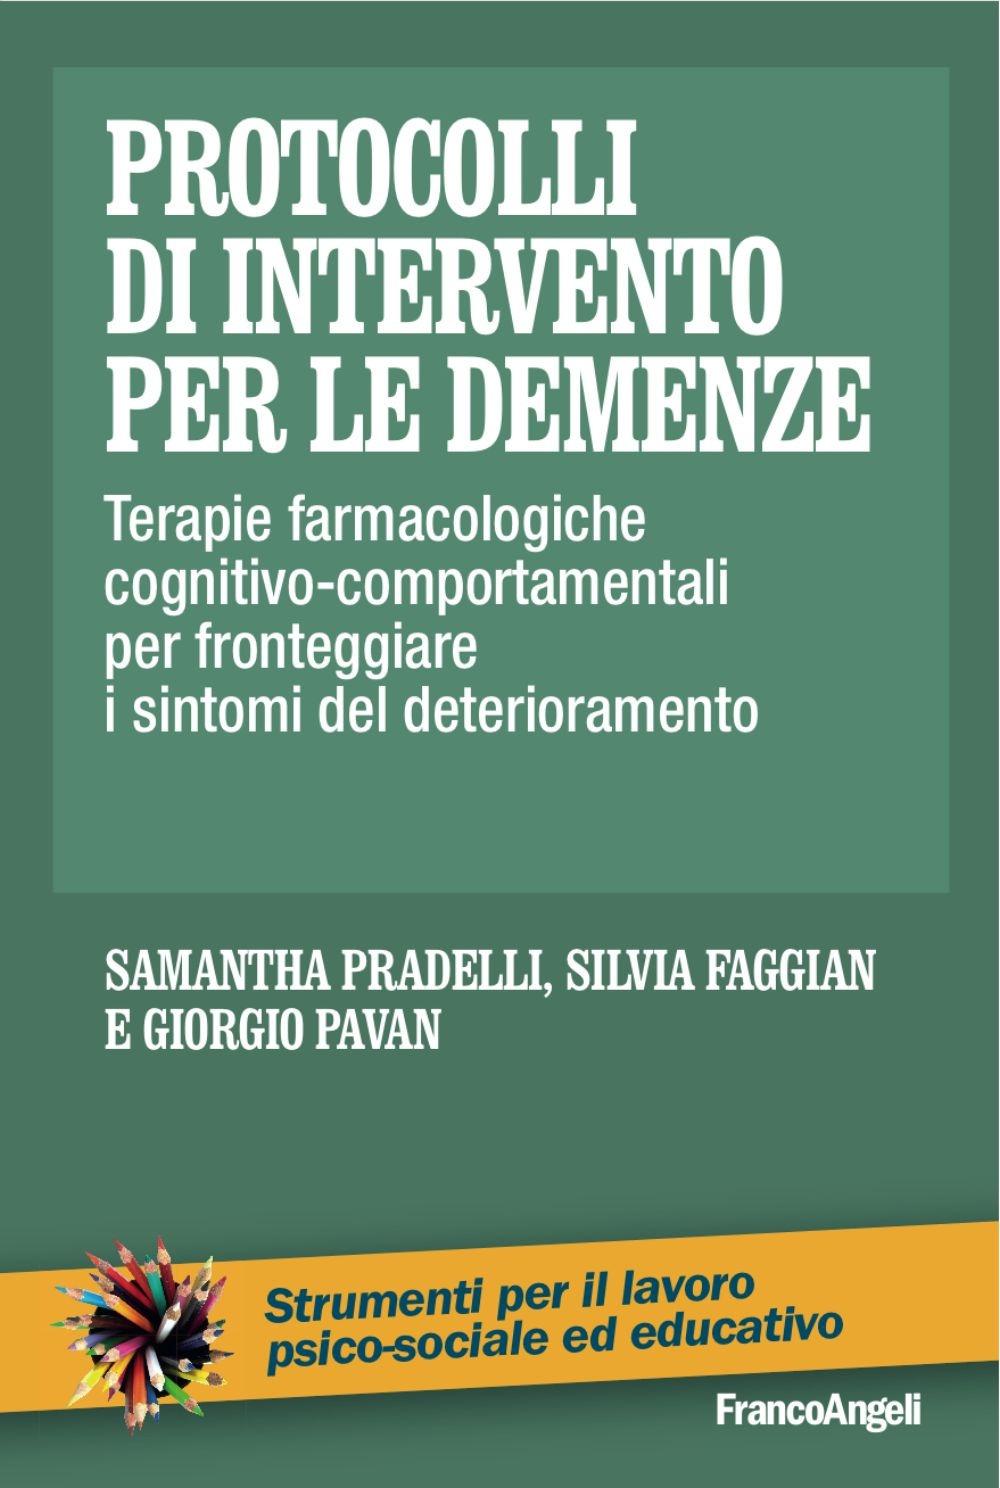 Protocolli di intervento per le demenze. Terapie farmacologiche e cognitivo-comportamentali per fronteggiare i sintomi del deterioramento.